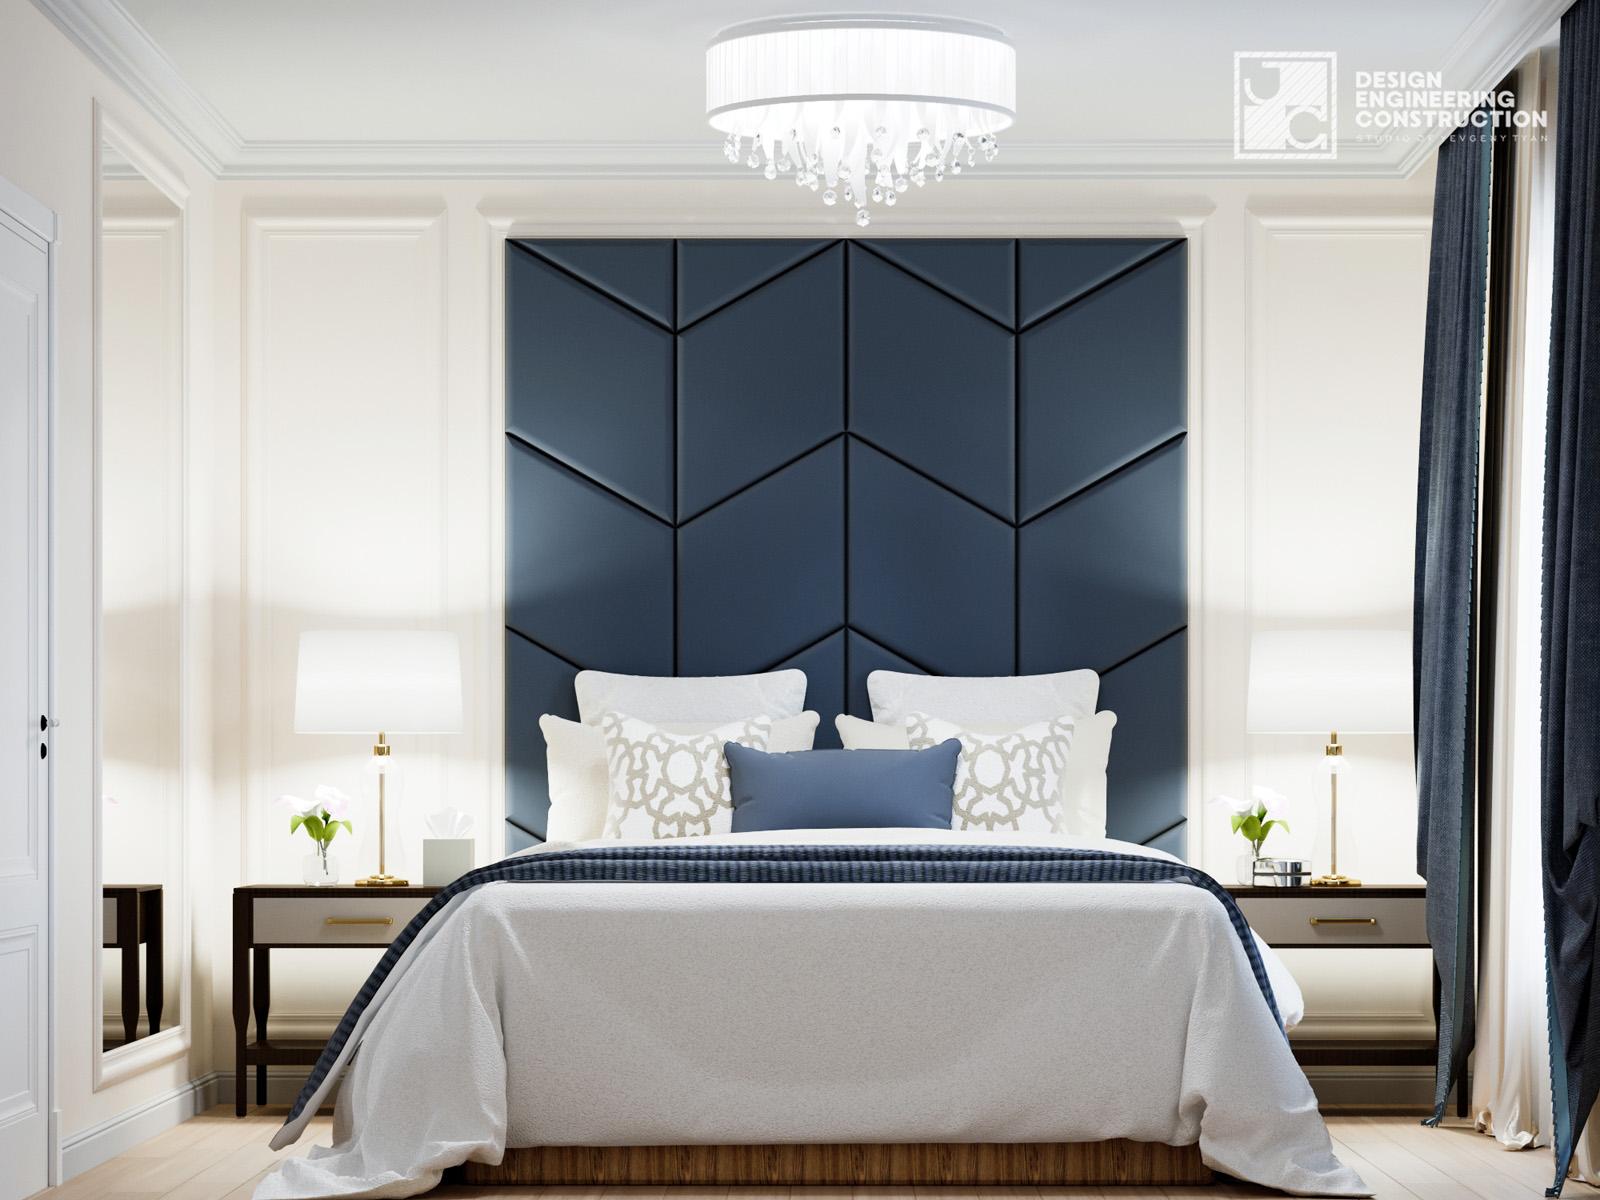 дизайн интерьера квартиры шымкент